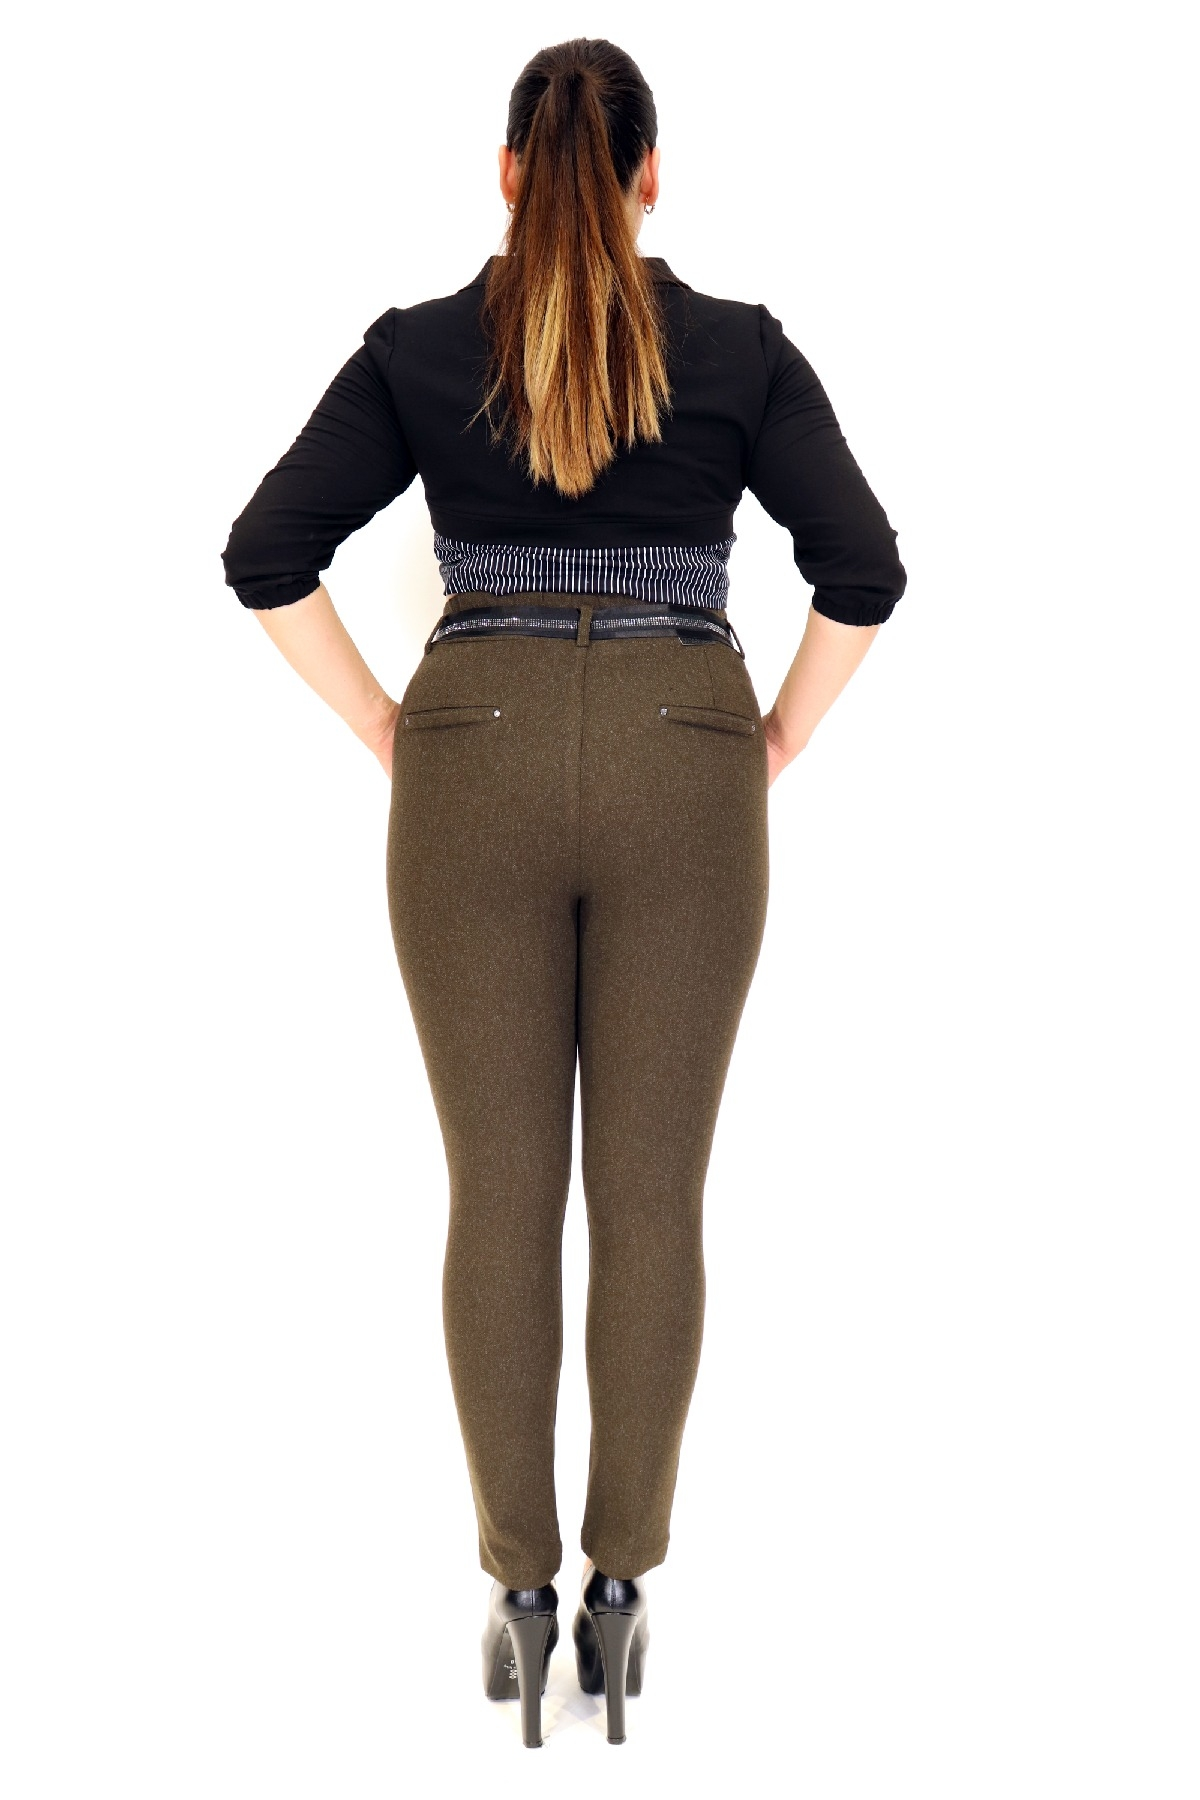 women pants-Khaki